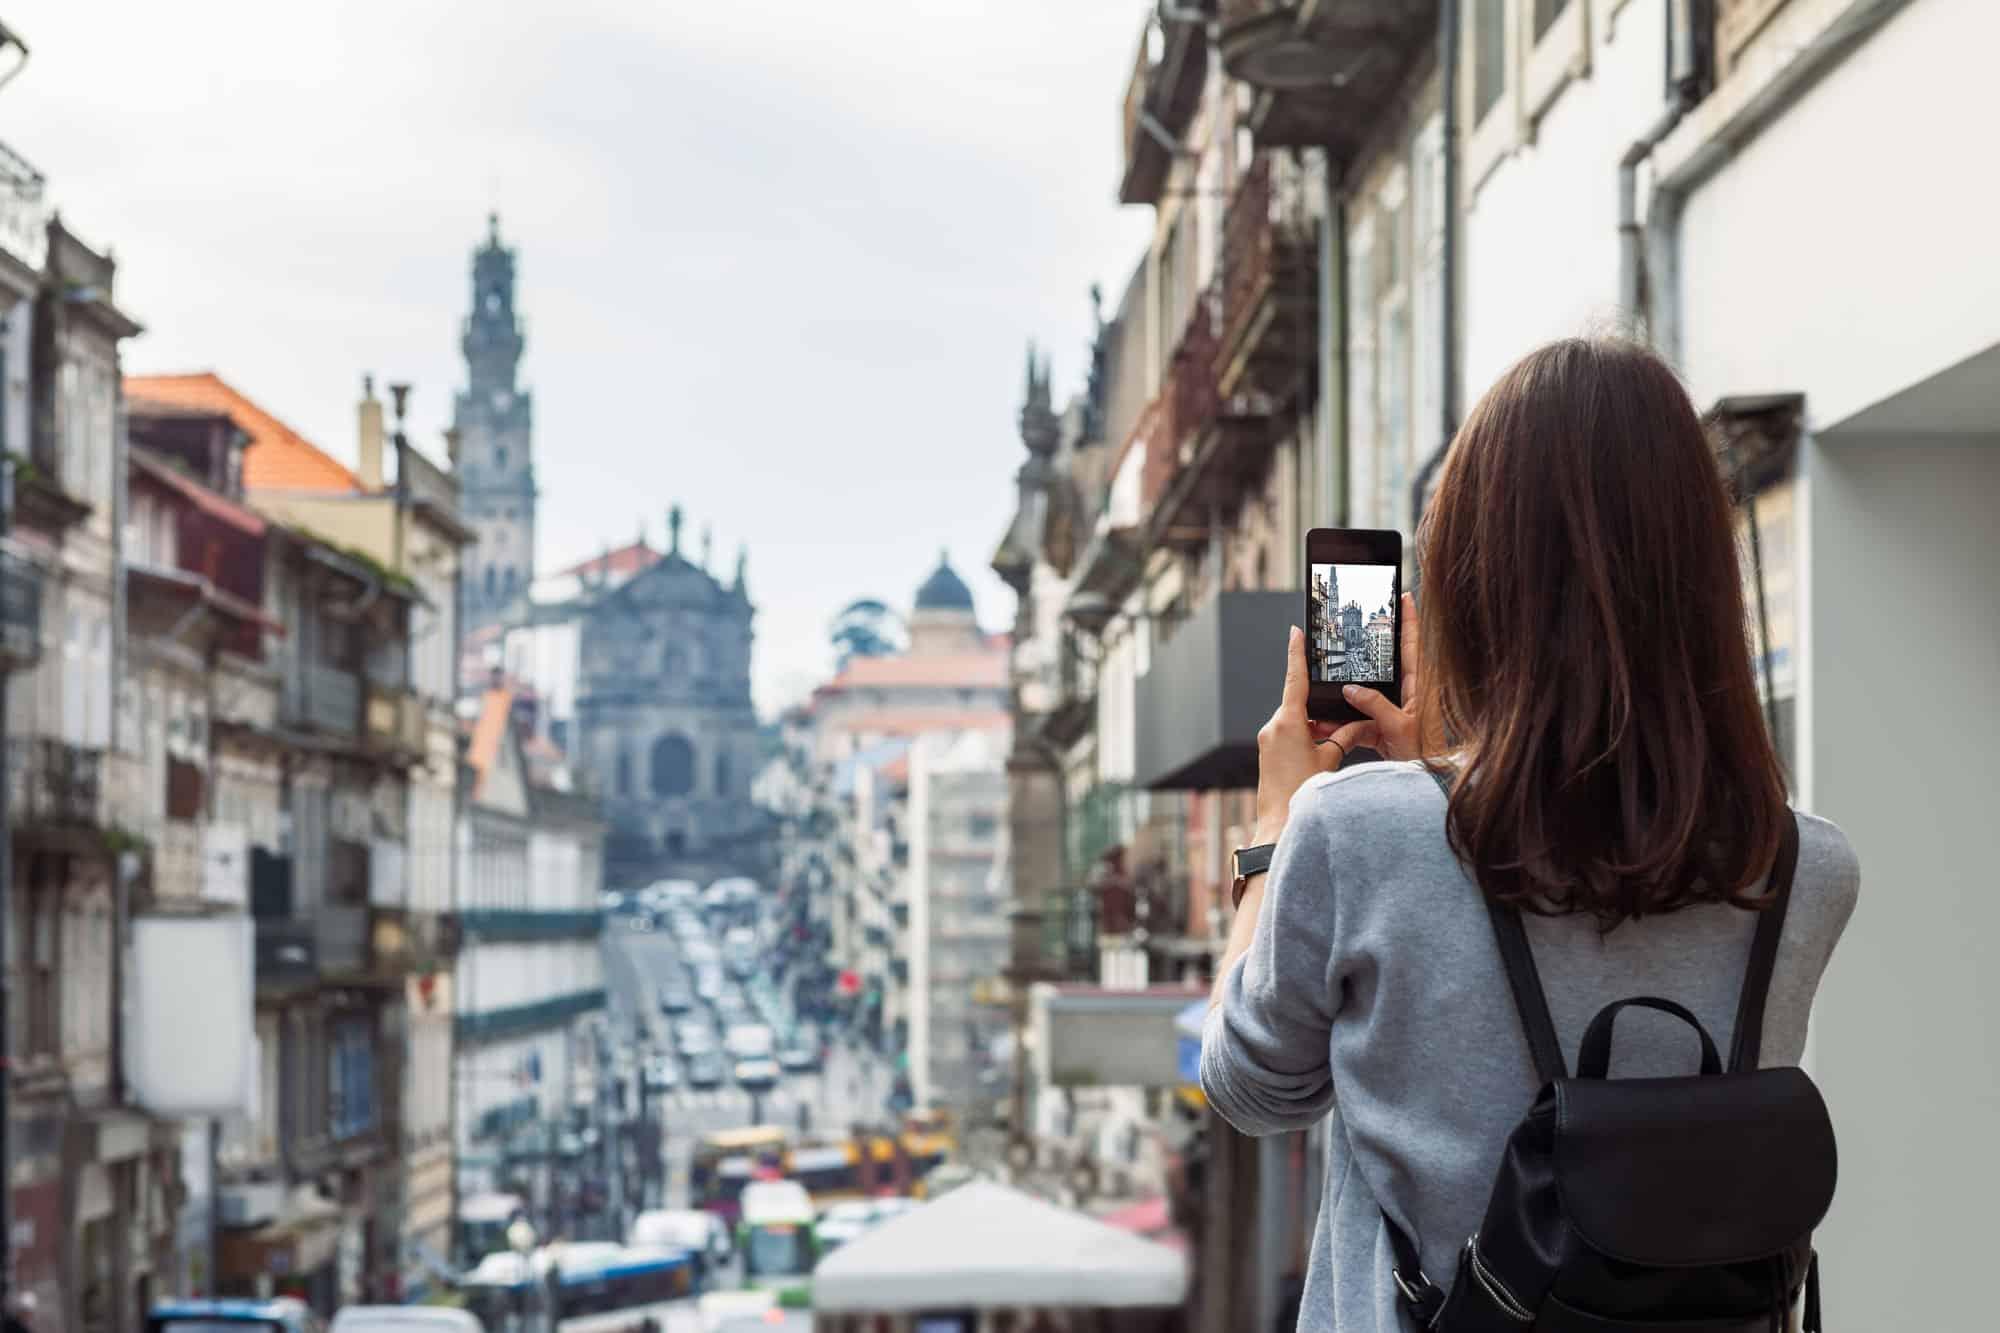 Turista hace fotos con su móvil a ciudad de Oporto en Portugal